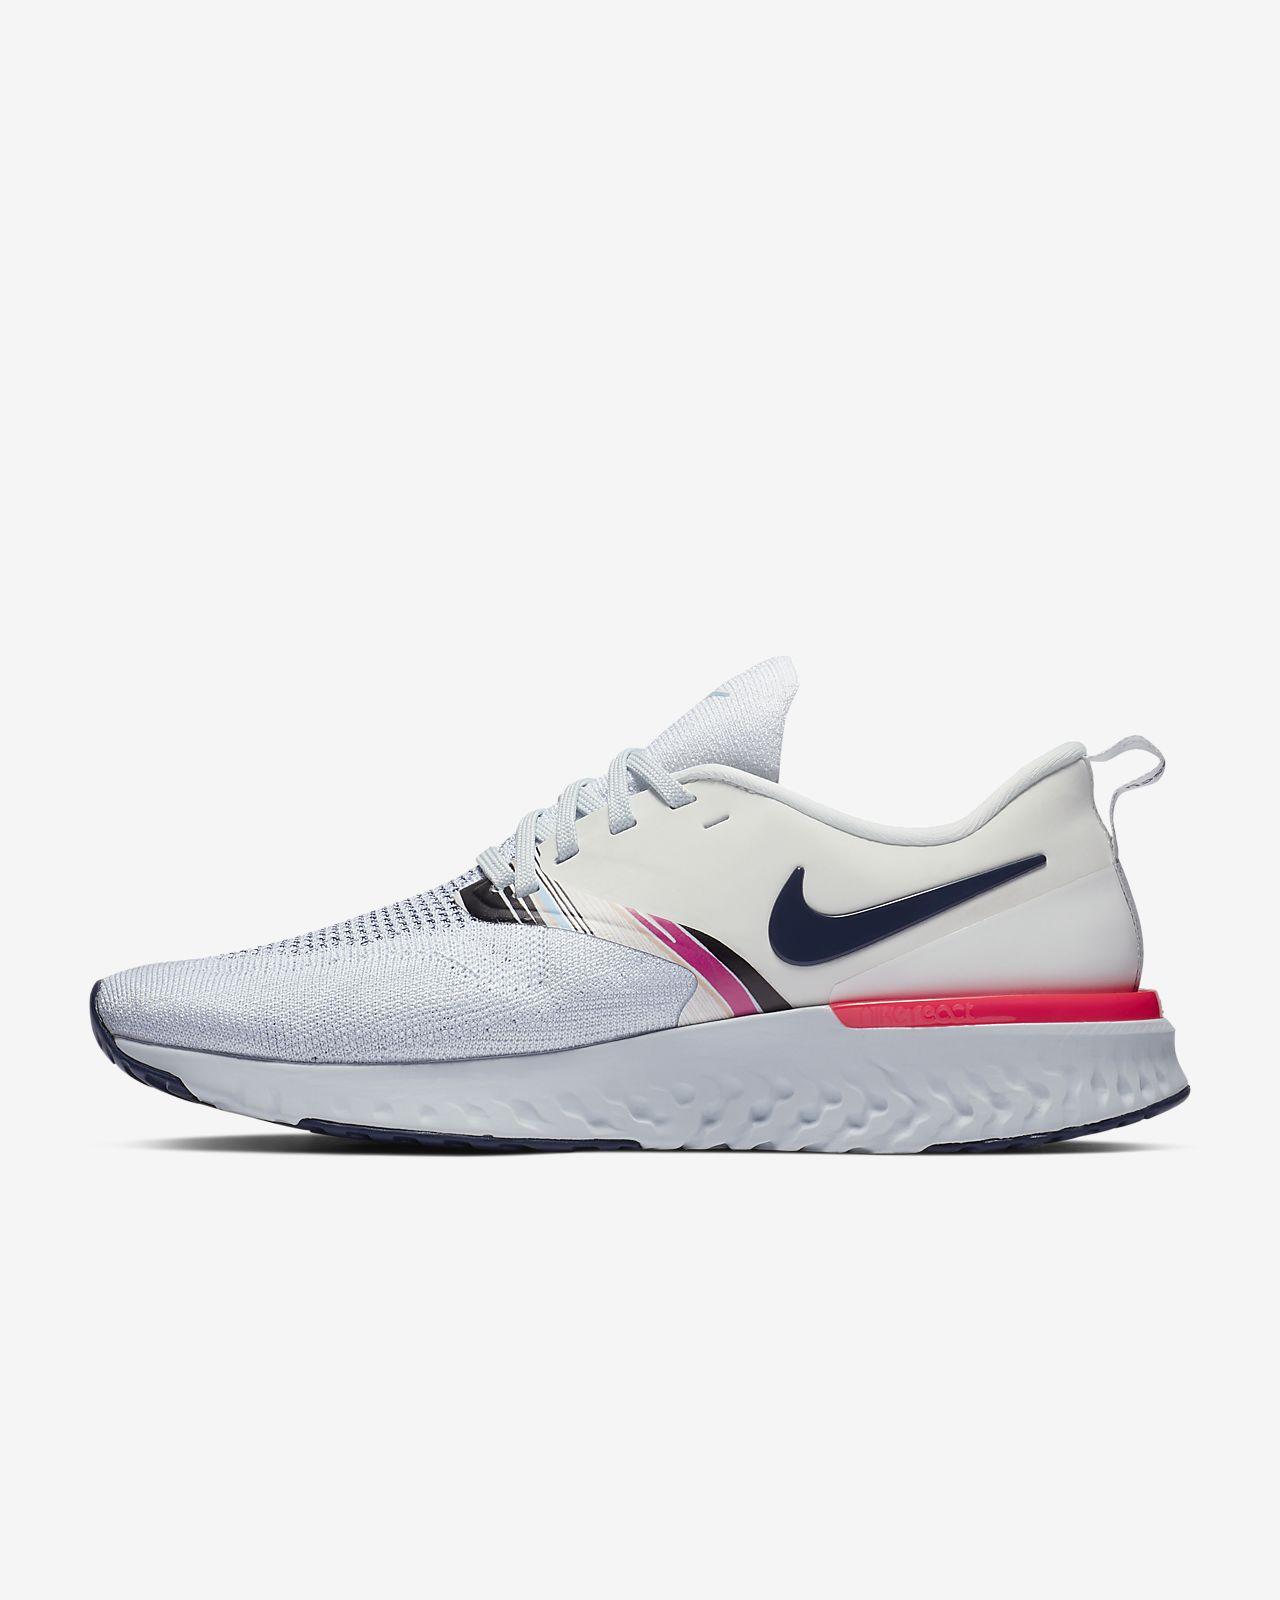 sports shoes 74db3 31798 Damskie buty do biegania Nike Odyssey React Flyknit 2 Premium. Nike ...